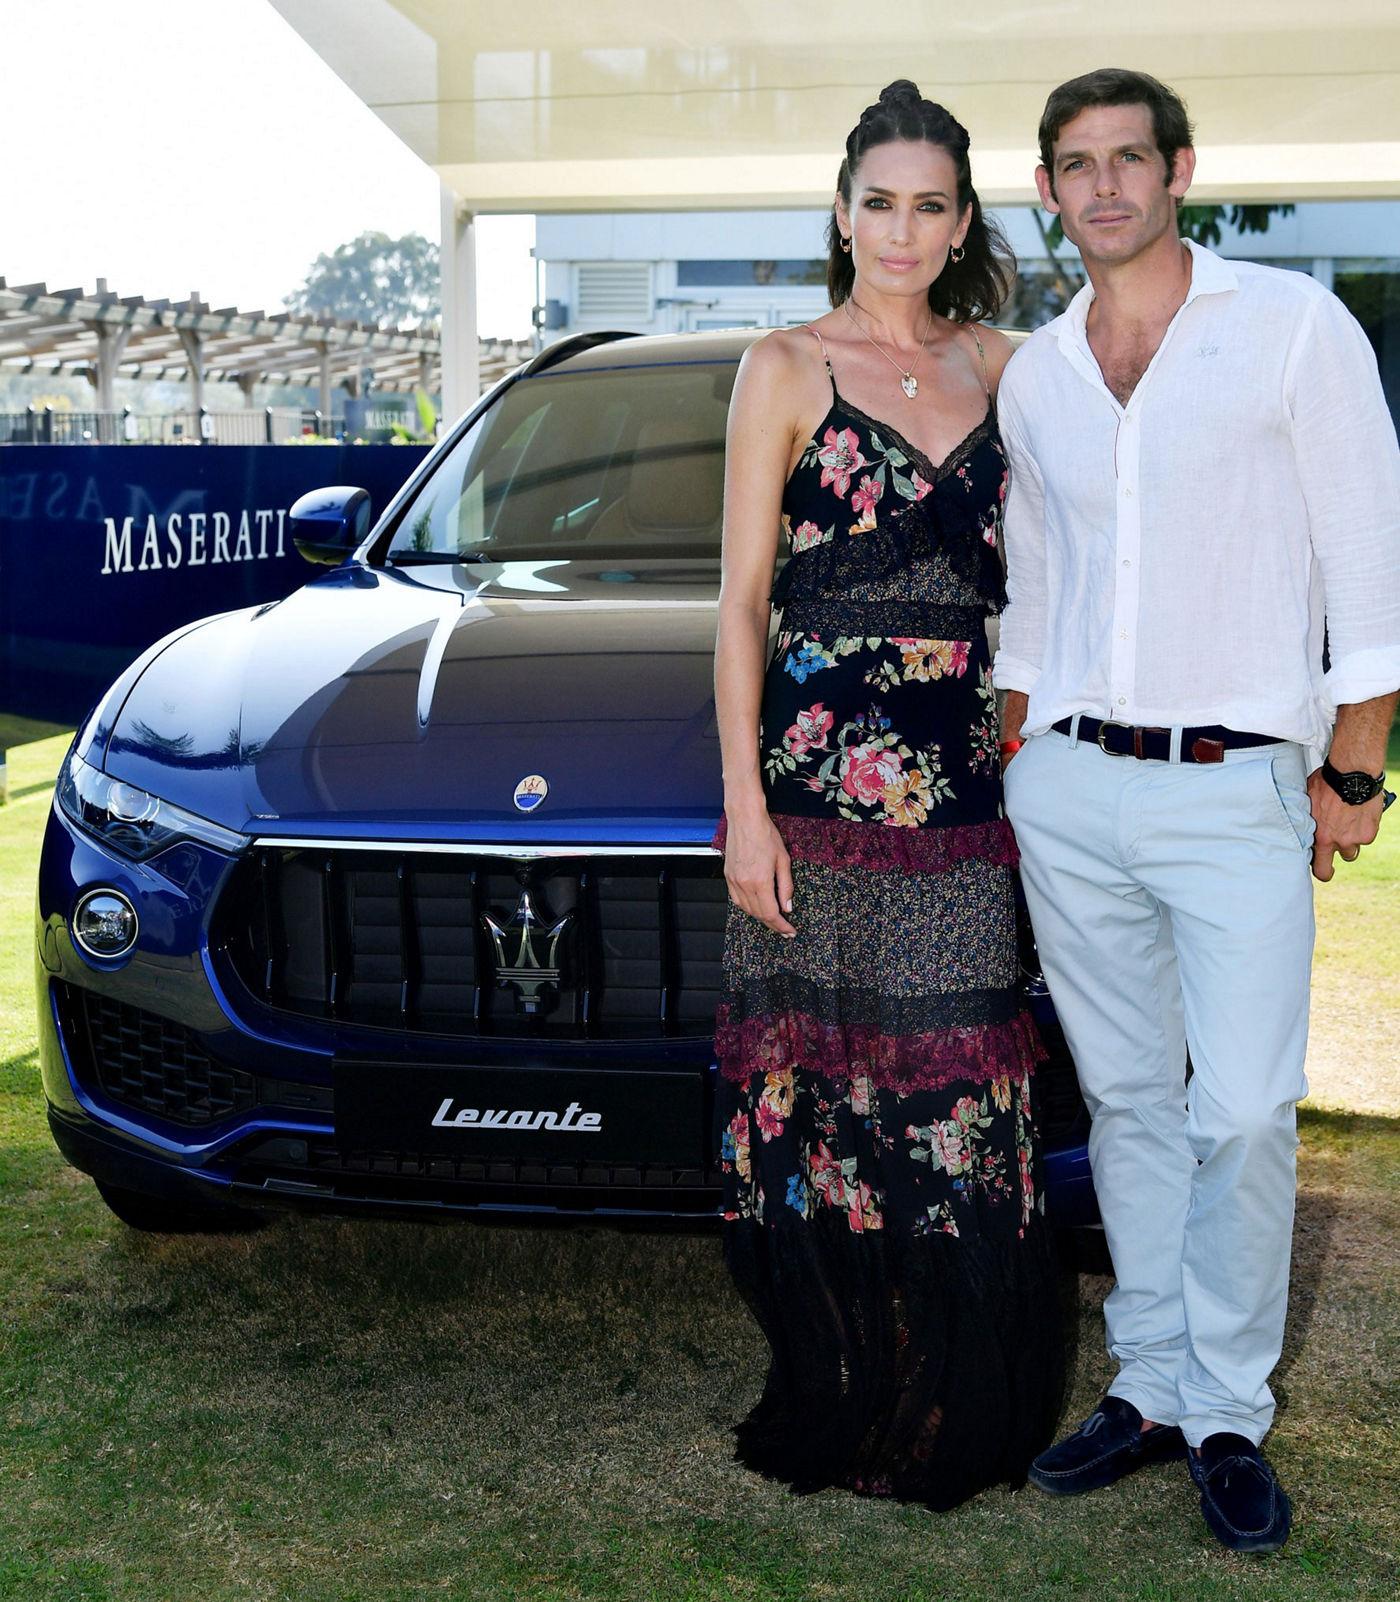 La top model Nieves Alvarez e il giocatore di polo Malcolm Borwick accompagnai dal SUV Levante al Santa Maria Polo Club